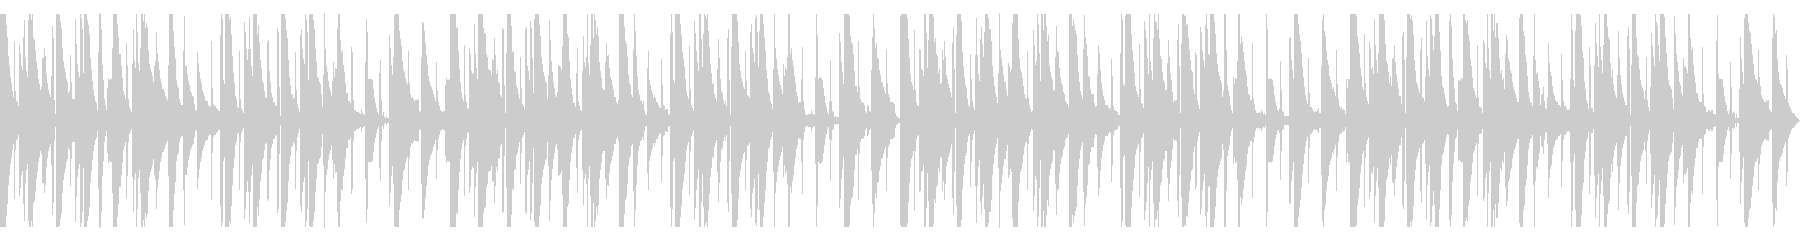 ピアノLofi Hiphop 環境音なしの未再生の波形